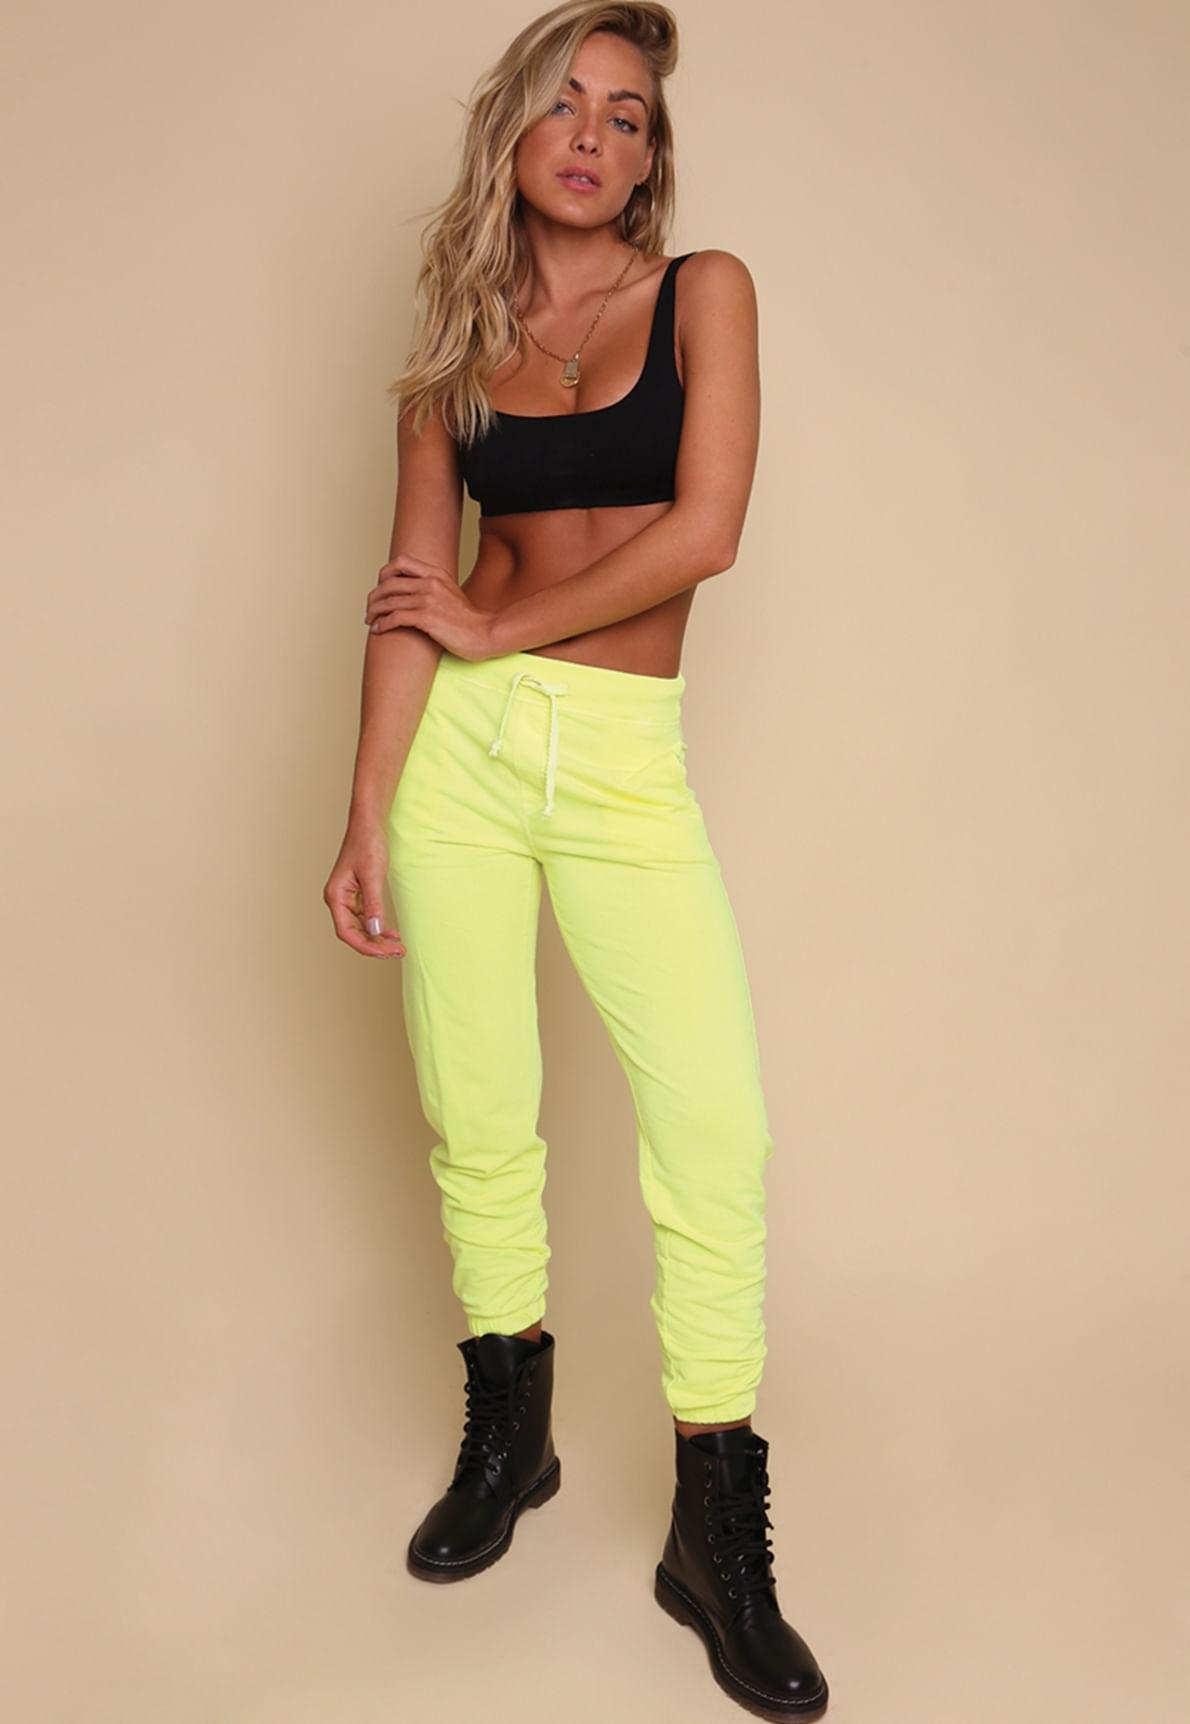 30436-calca-moletom-amarelo-neon-dottie-mundo-lolita-02